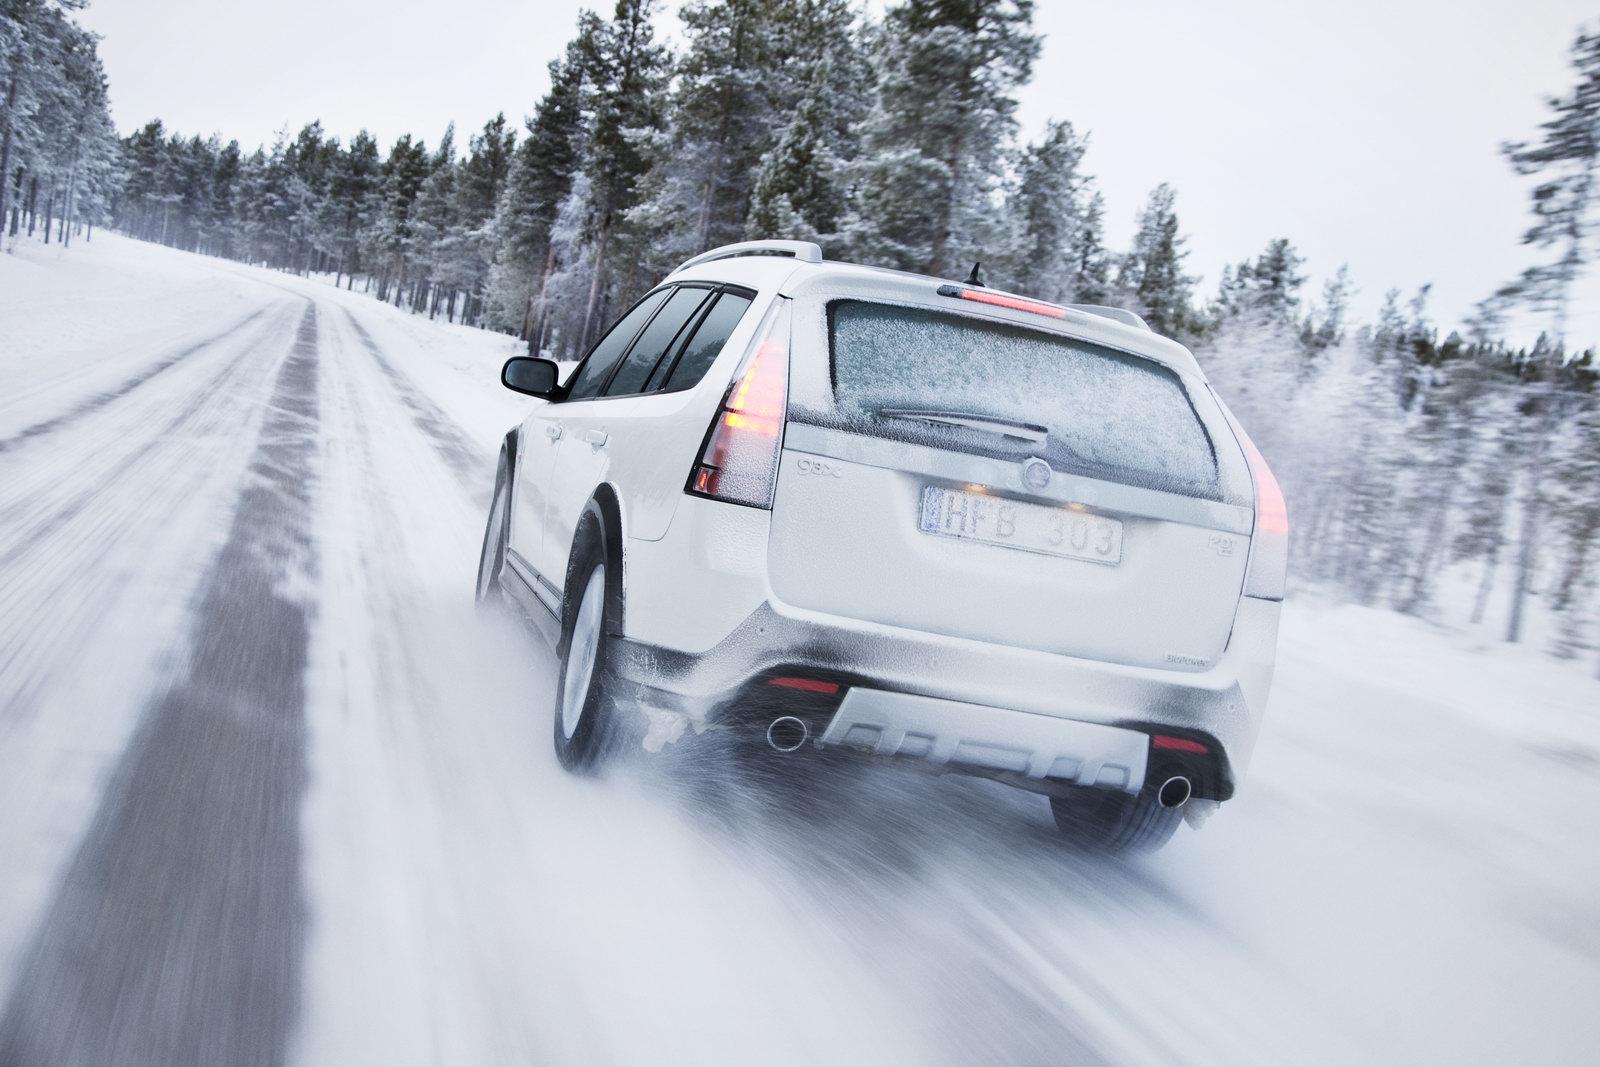 Karlı Yolda Otomobilinizi Kullanırken Nelere Dikkat Etmelisiniz?